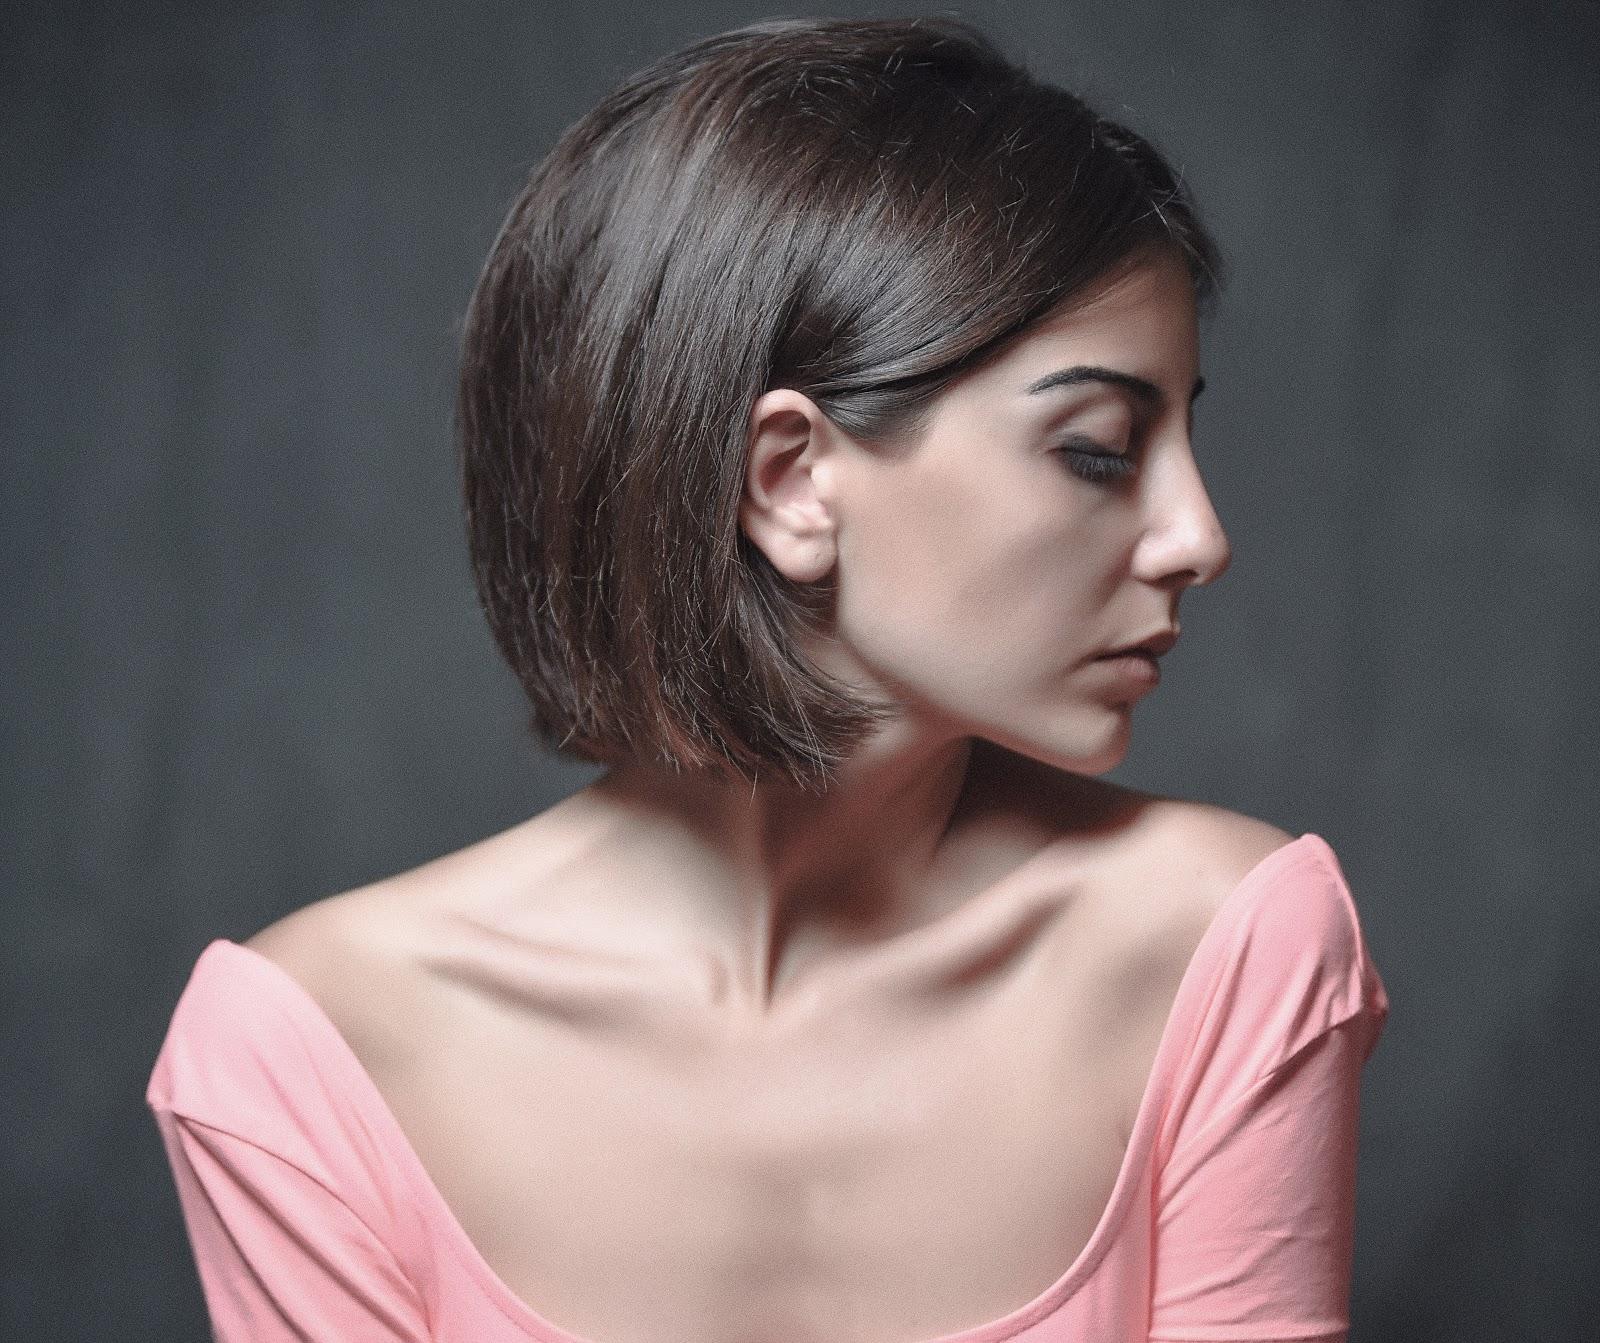 胸元を開けた桃色の服の左向きの横顔の髪の短い女性